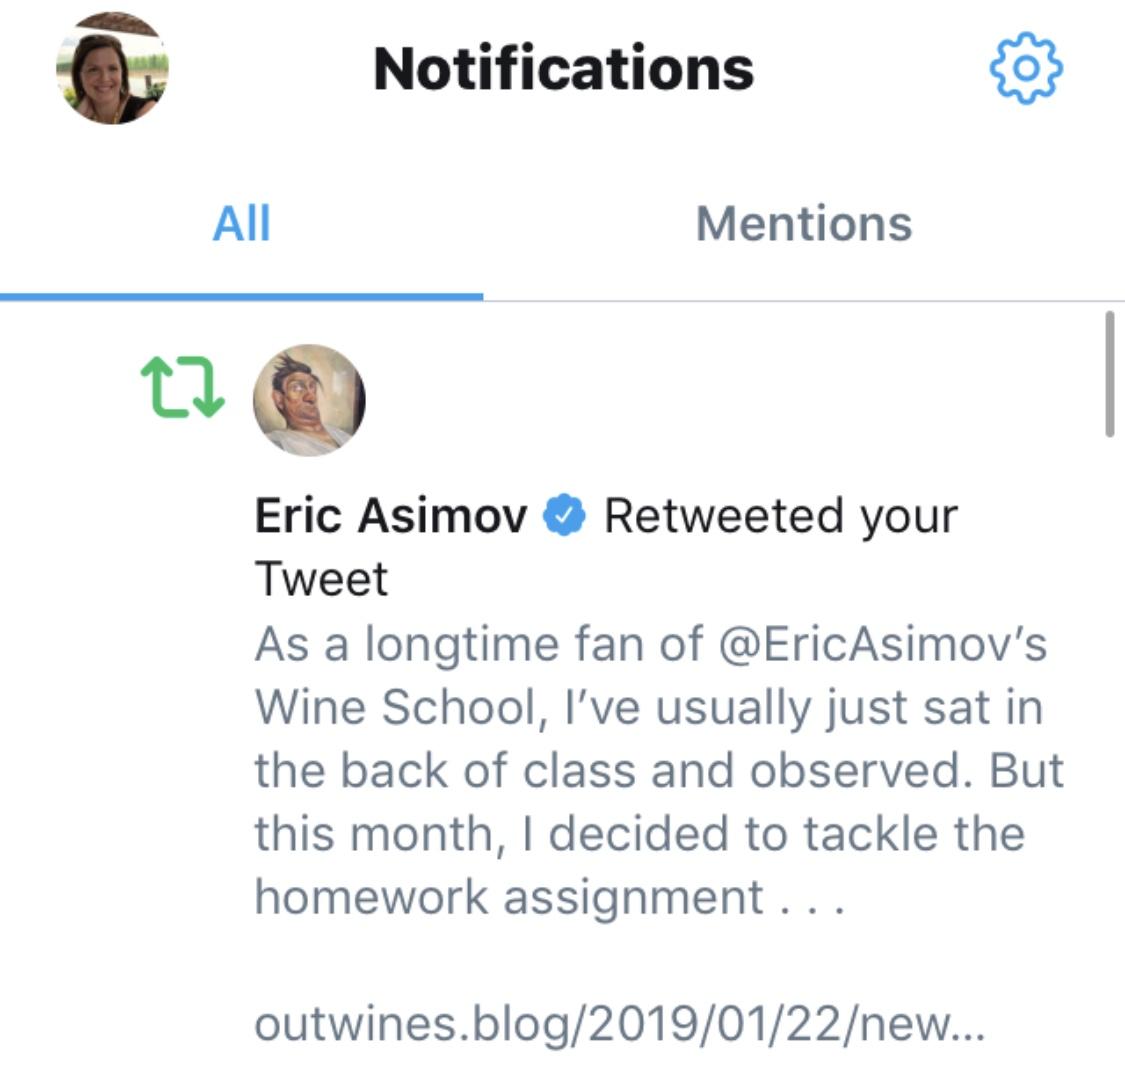 Eric Asimov retweet